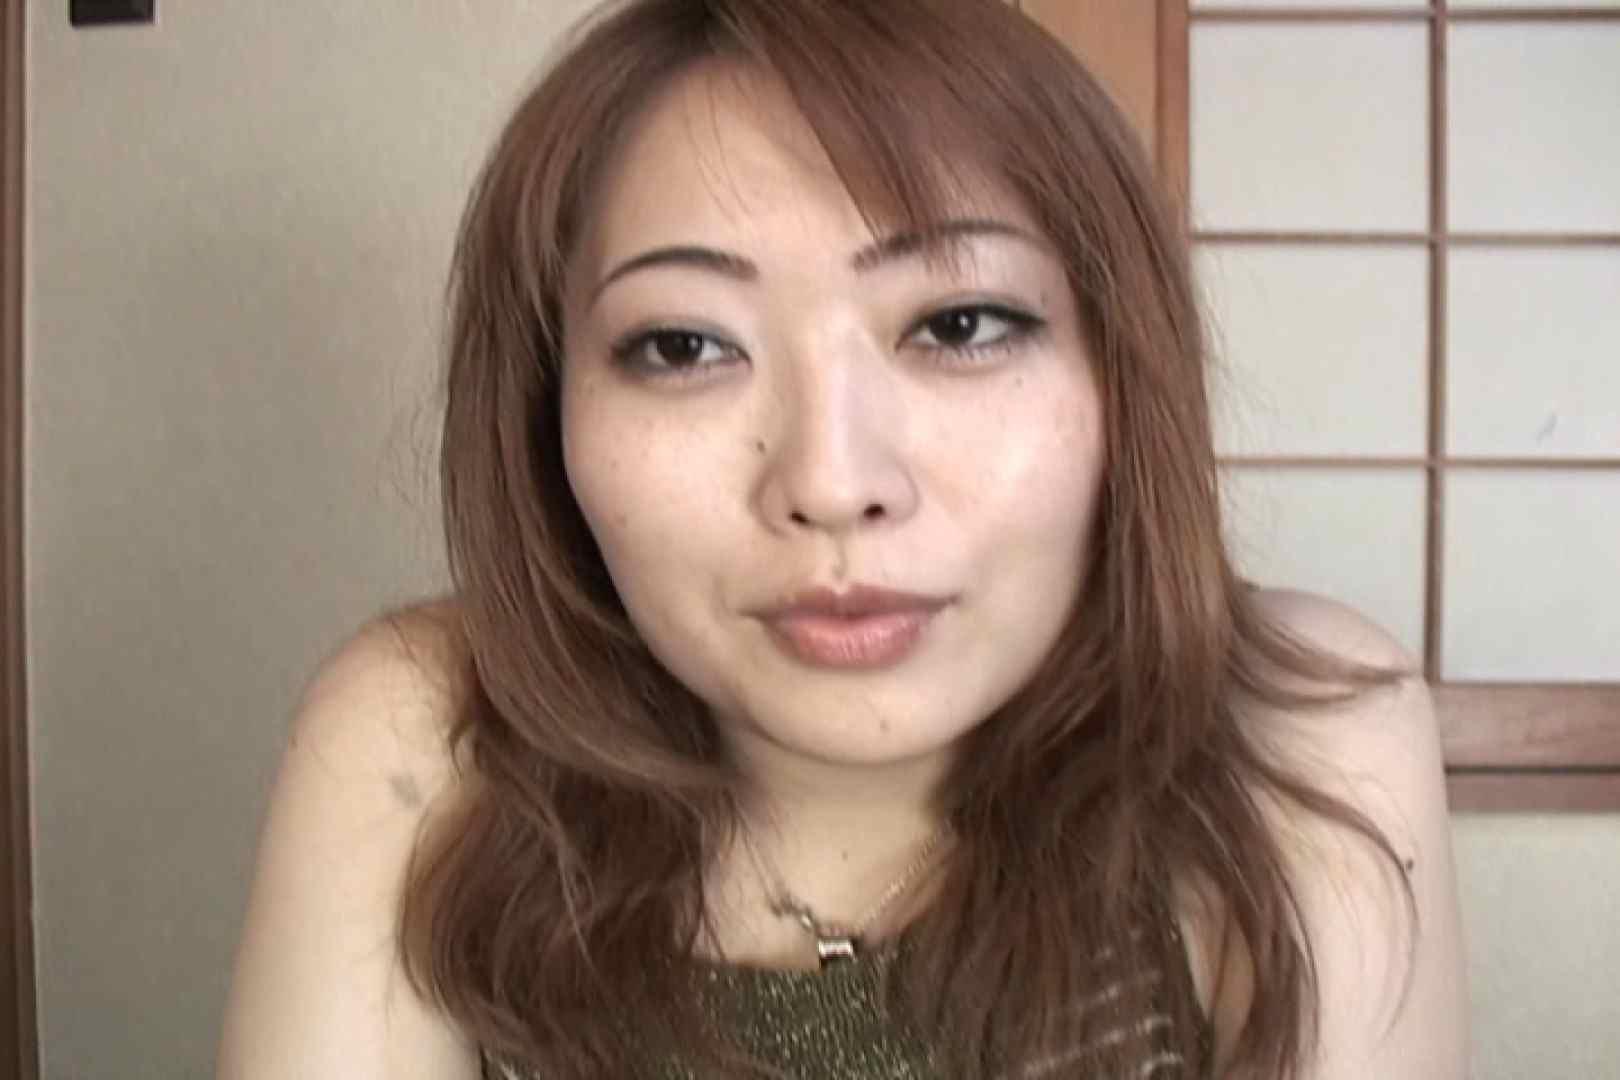 仕事で月200本のチンポを相手する22歳若人妻~桜井あい~ 人妻のエッチ | 熟女のエッチ  108pic 85